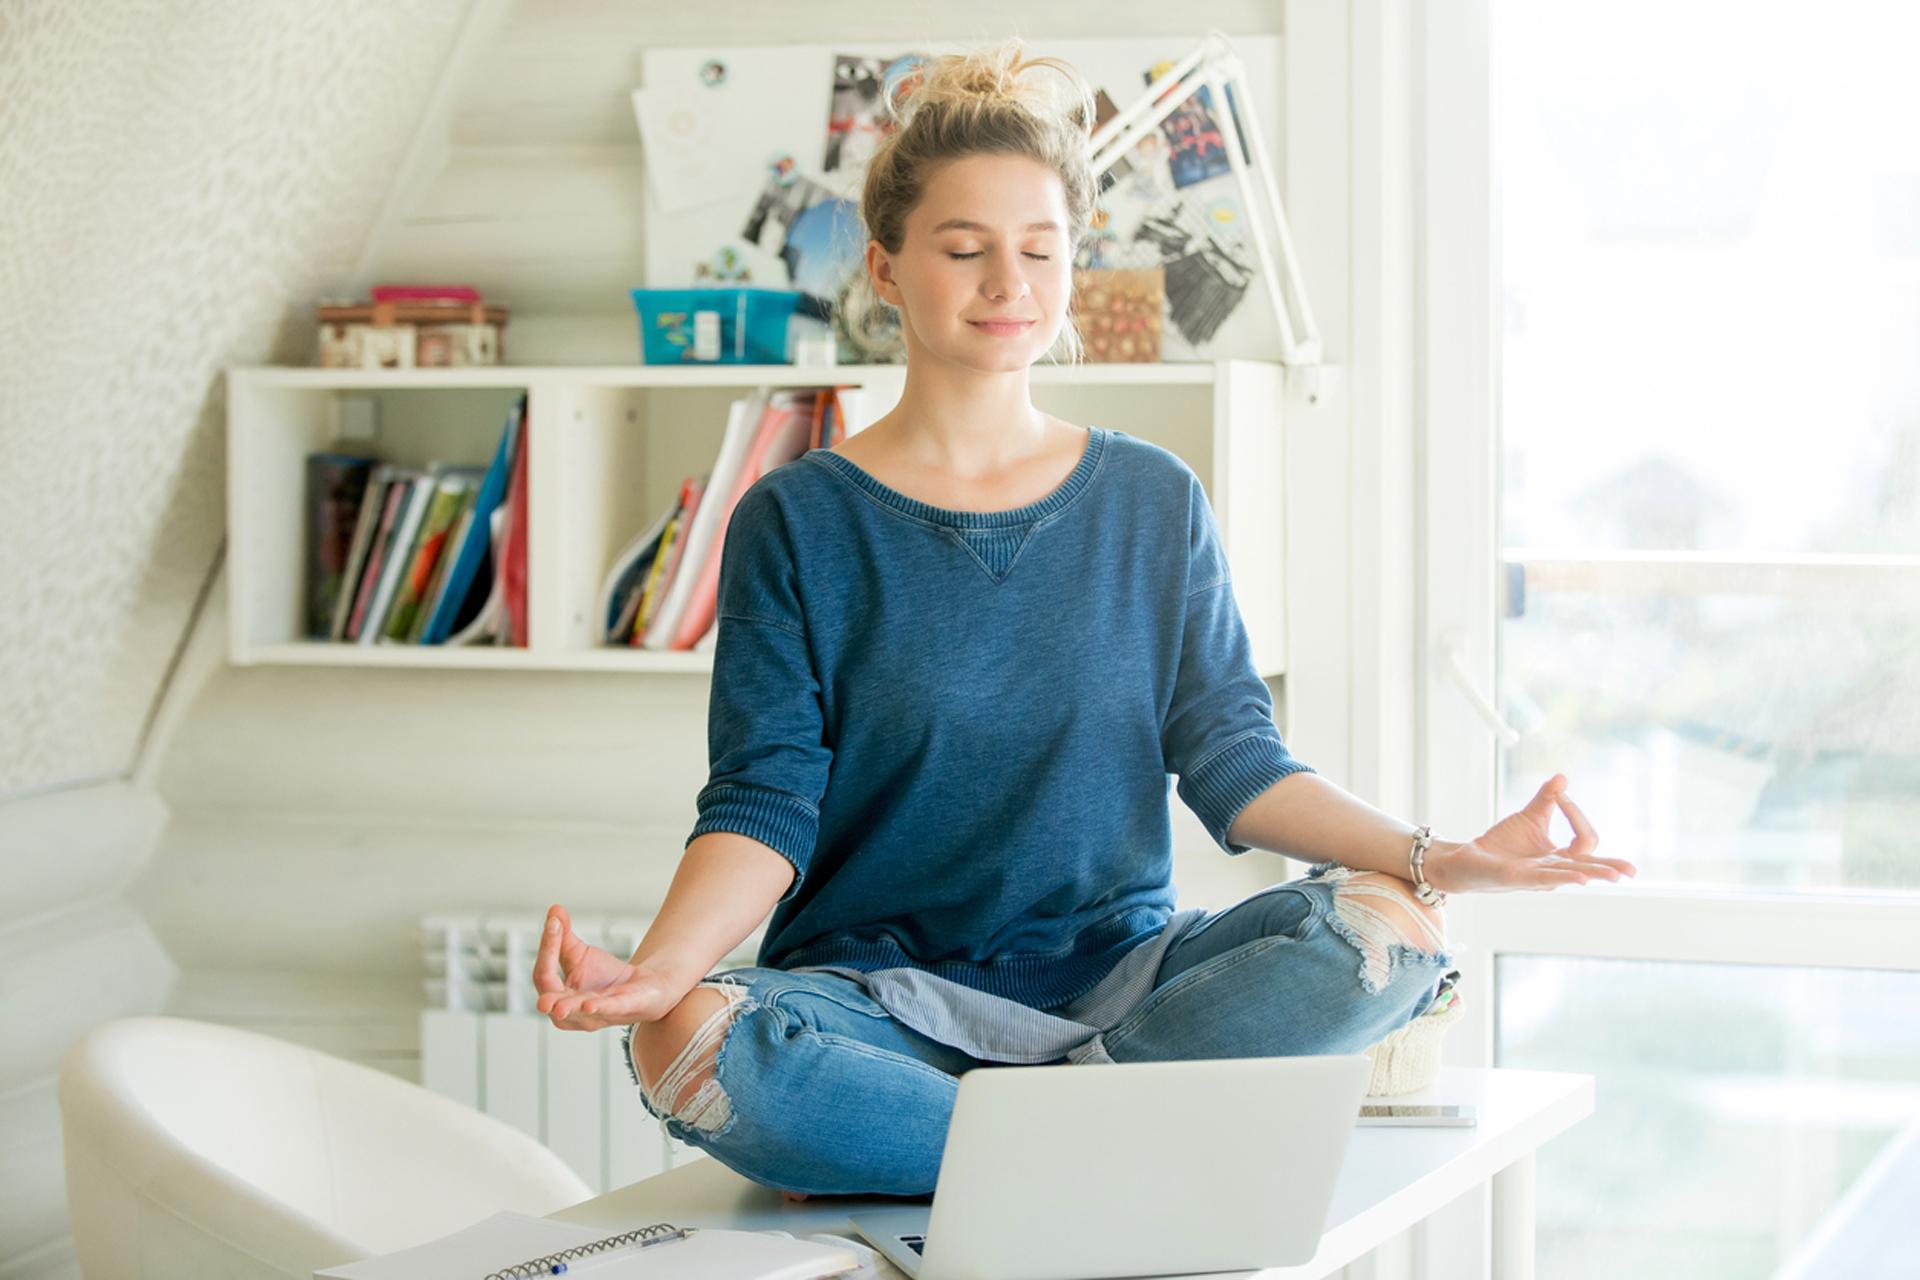 Como terapia antiestrés en el trabajo regula las emociones y aumenta la serenidad y el bienestar (Istock)